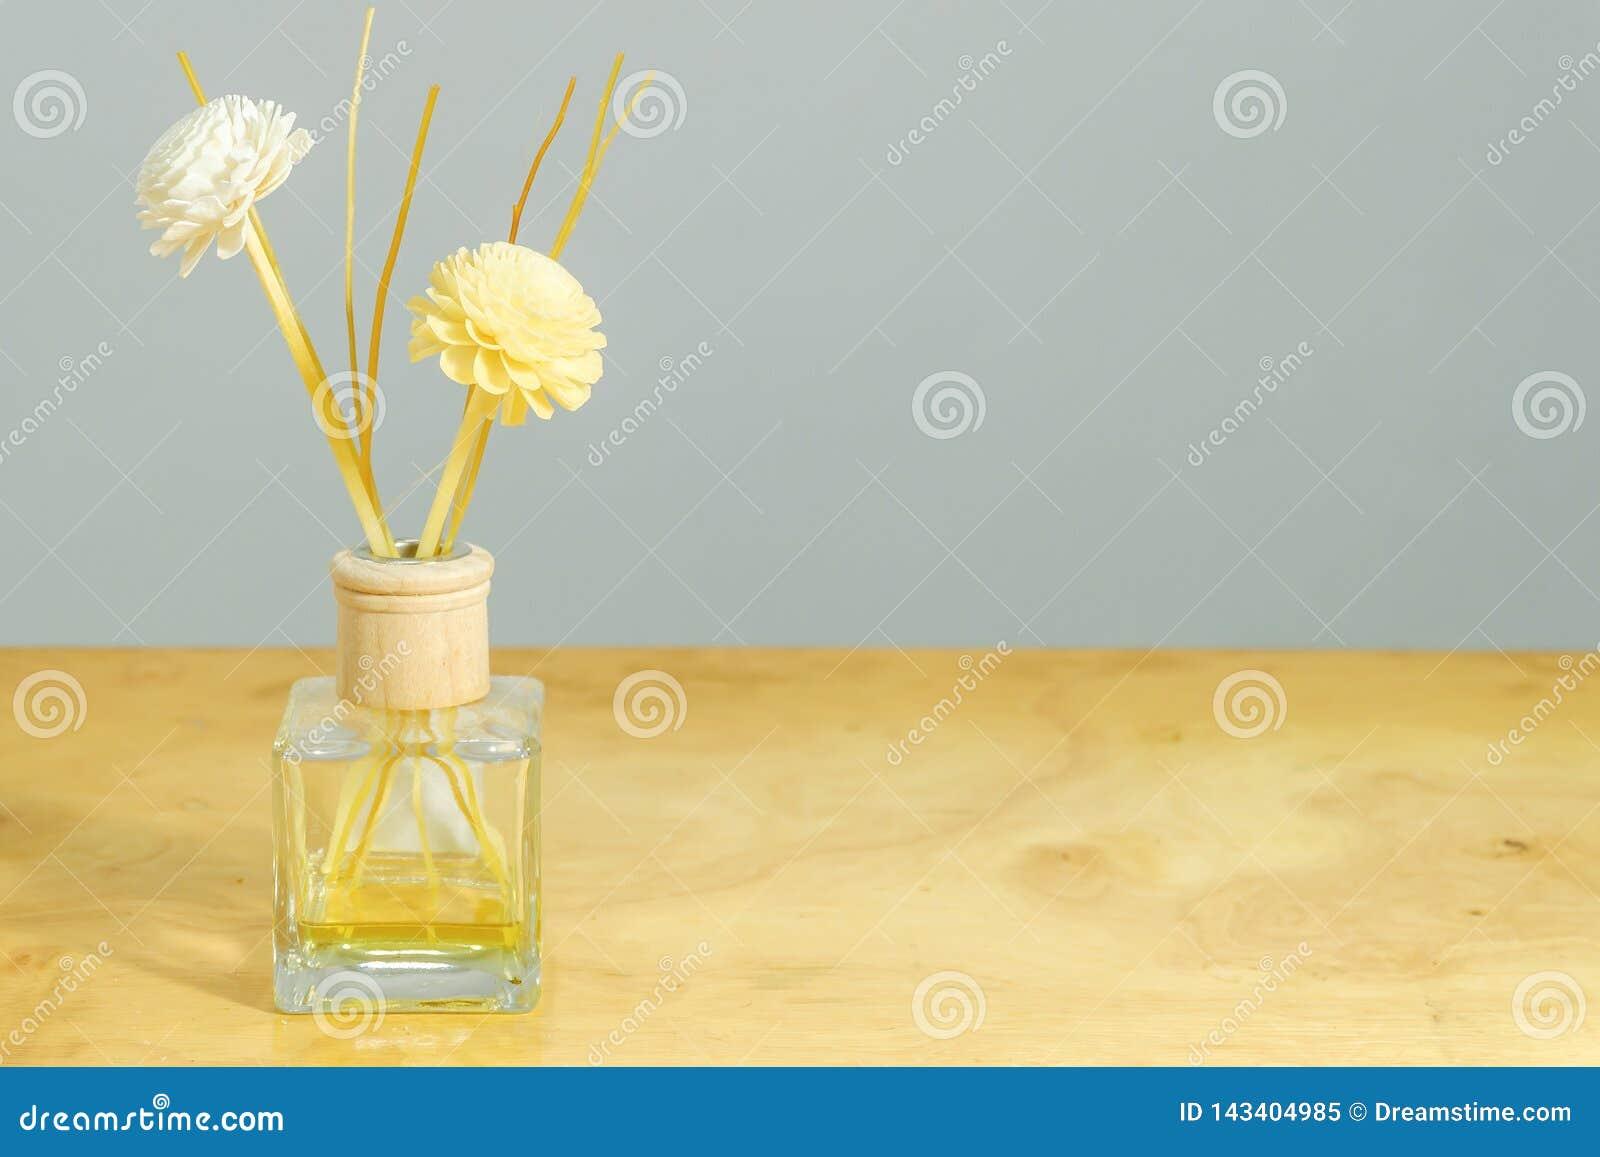 De Achtergrond van de parfumfles